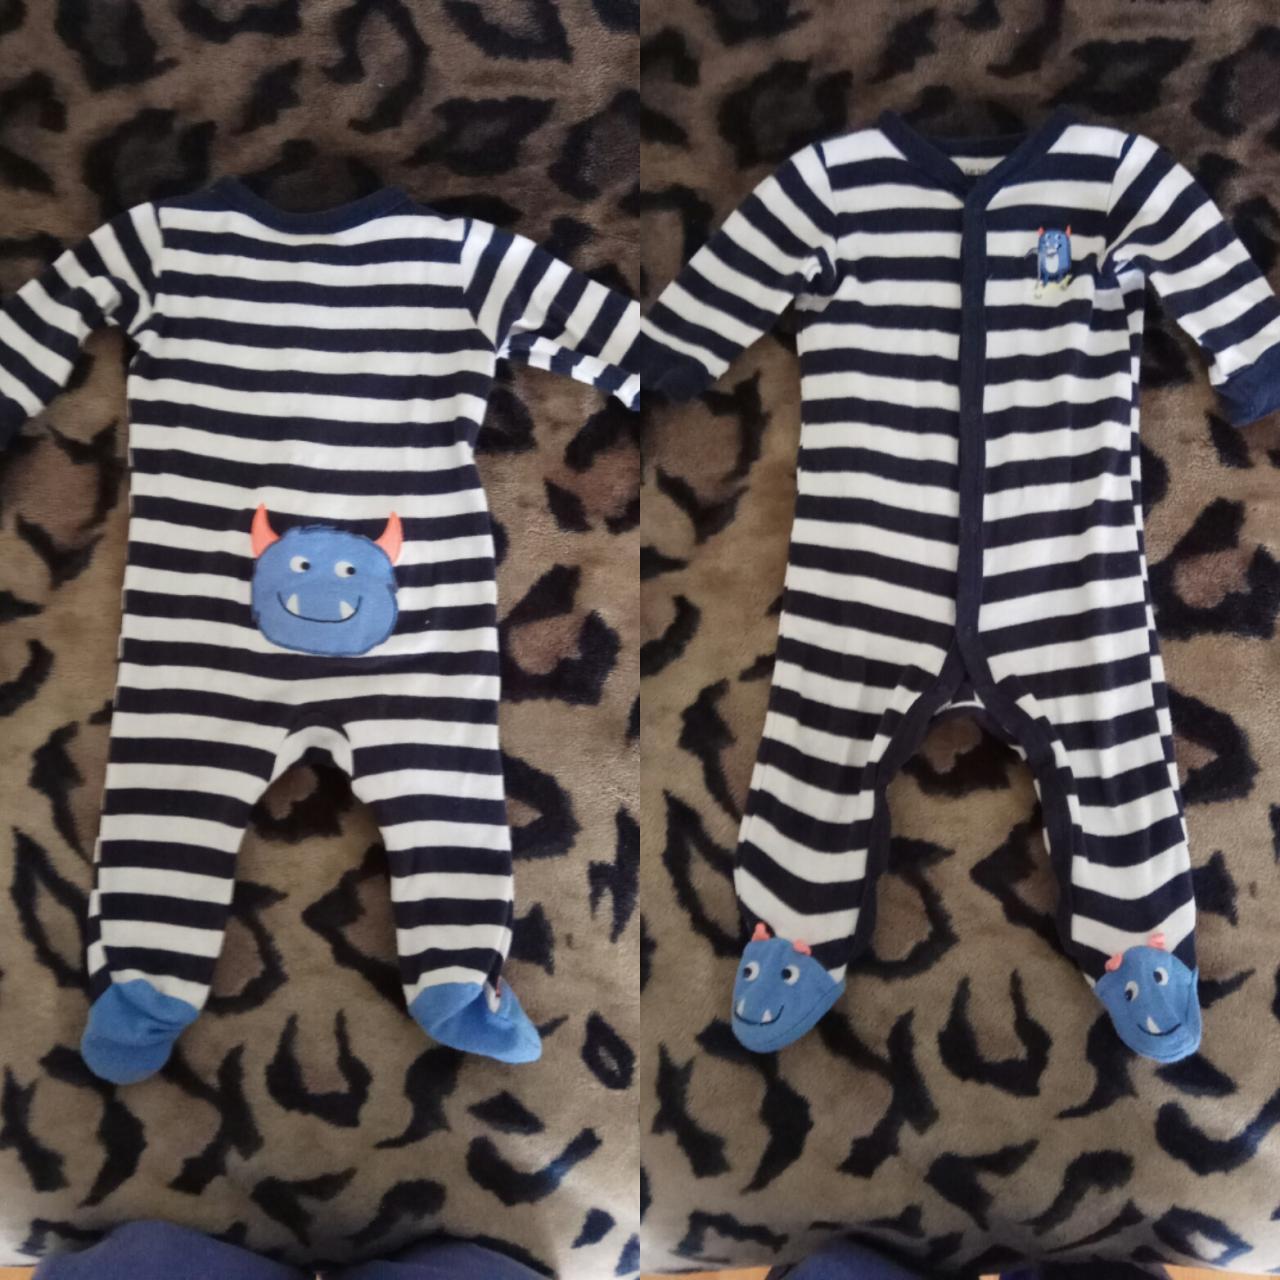 9cc99fcf9e4fbee Продаю детские вещи от 0 до 3 месяцев!!! - Одежда и обувь - Diesel Forum